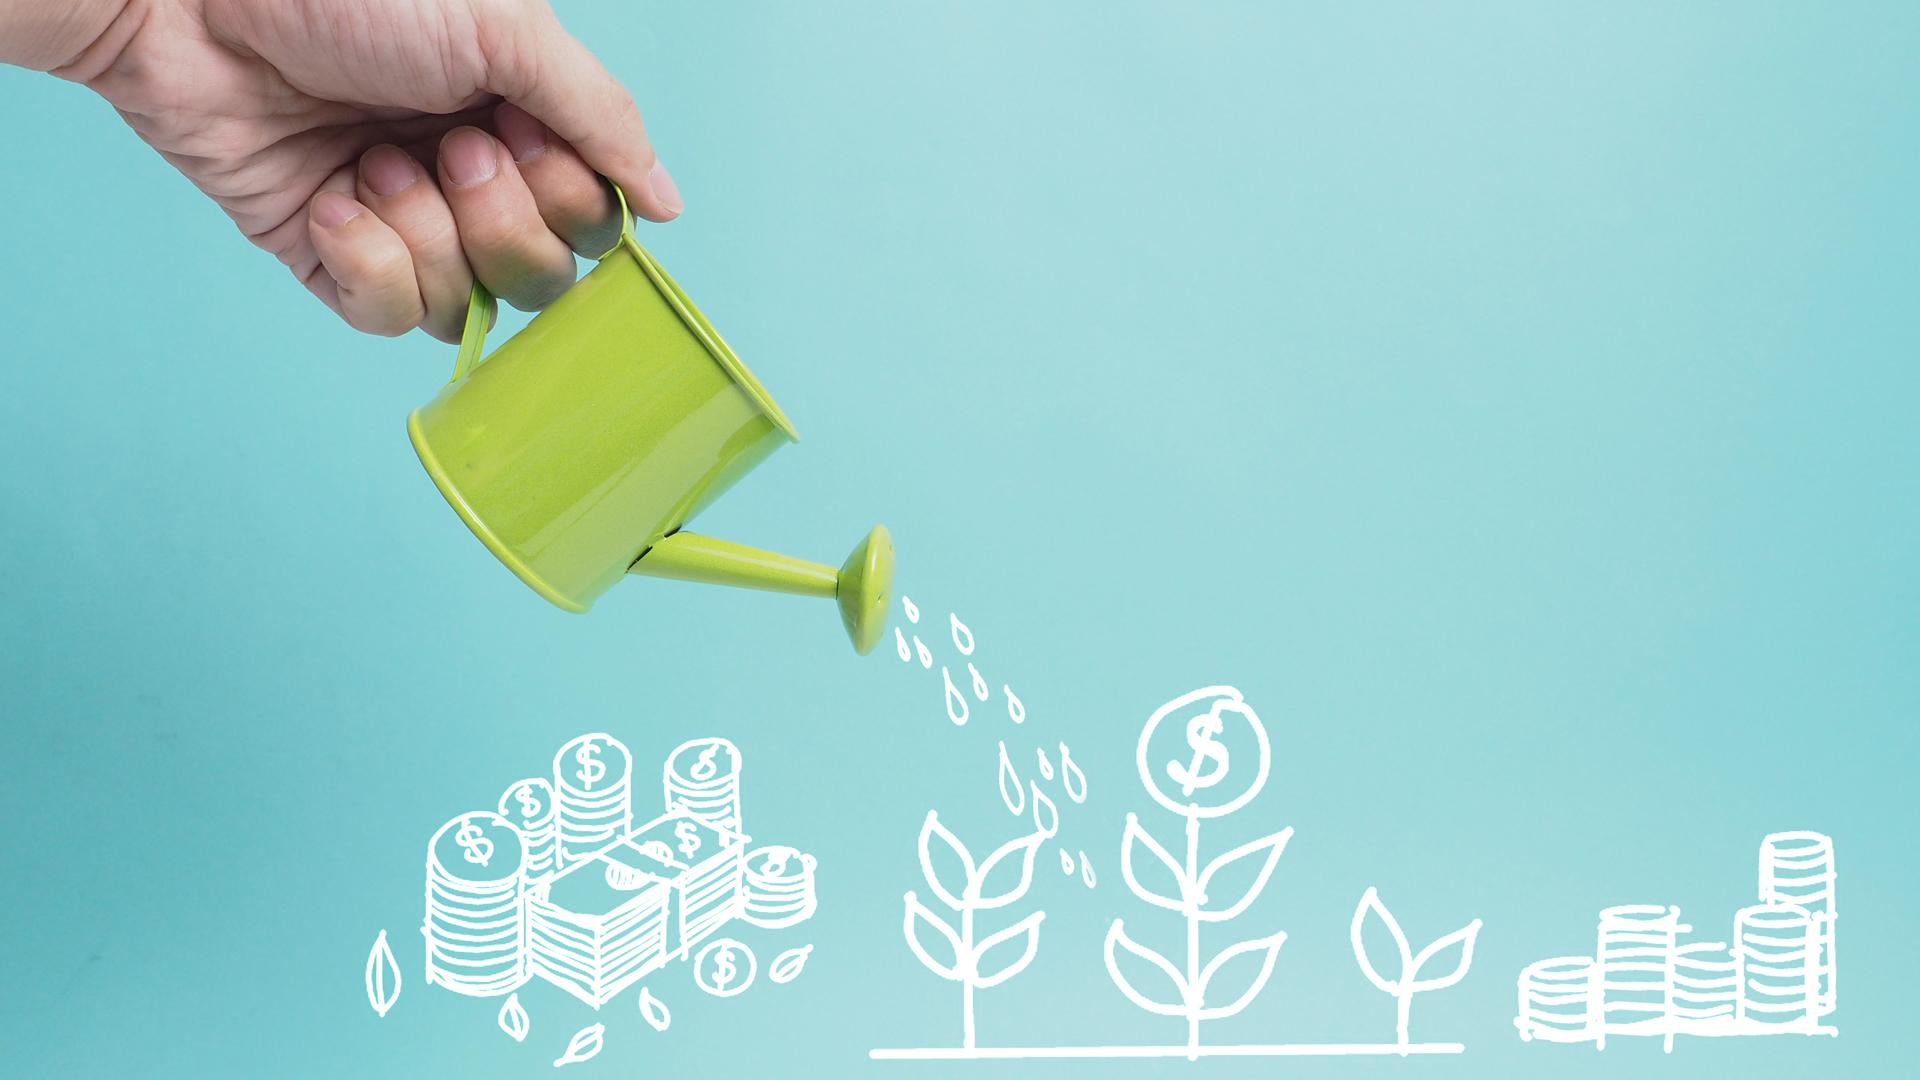 Các quỹ đầu tư tại Việt Nam uy tín, nhiều ưu điểm vượt trội